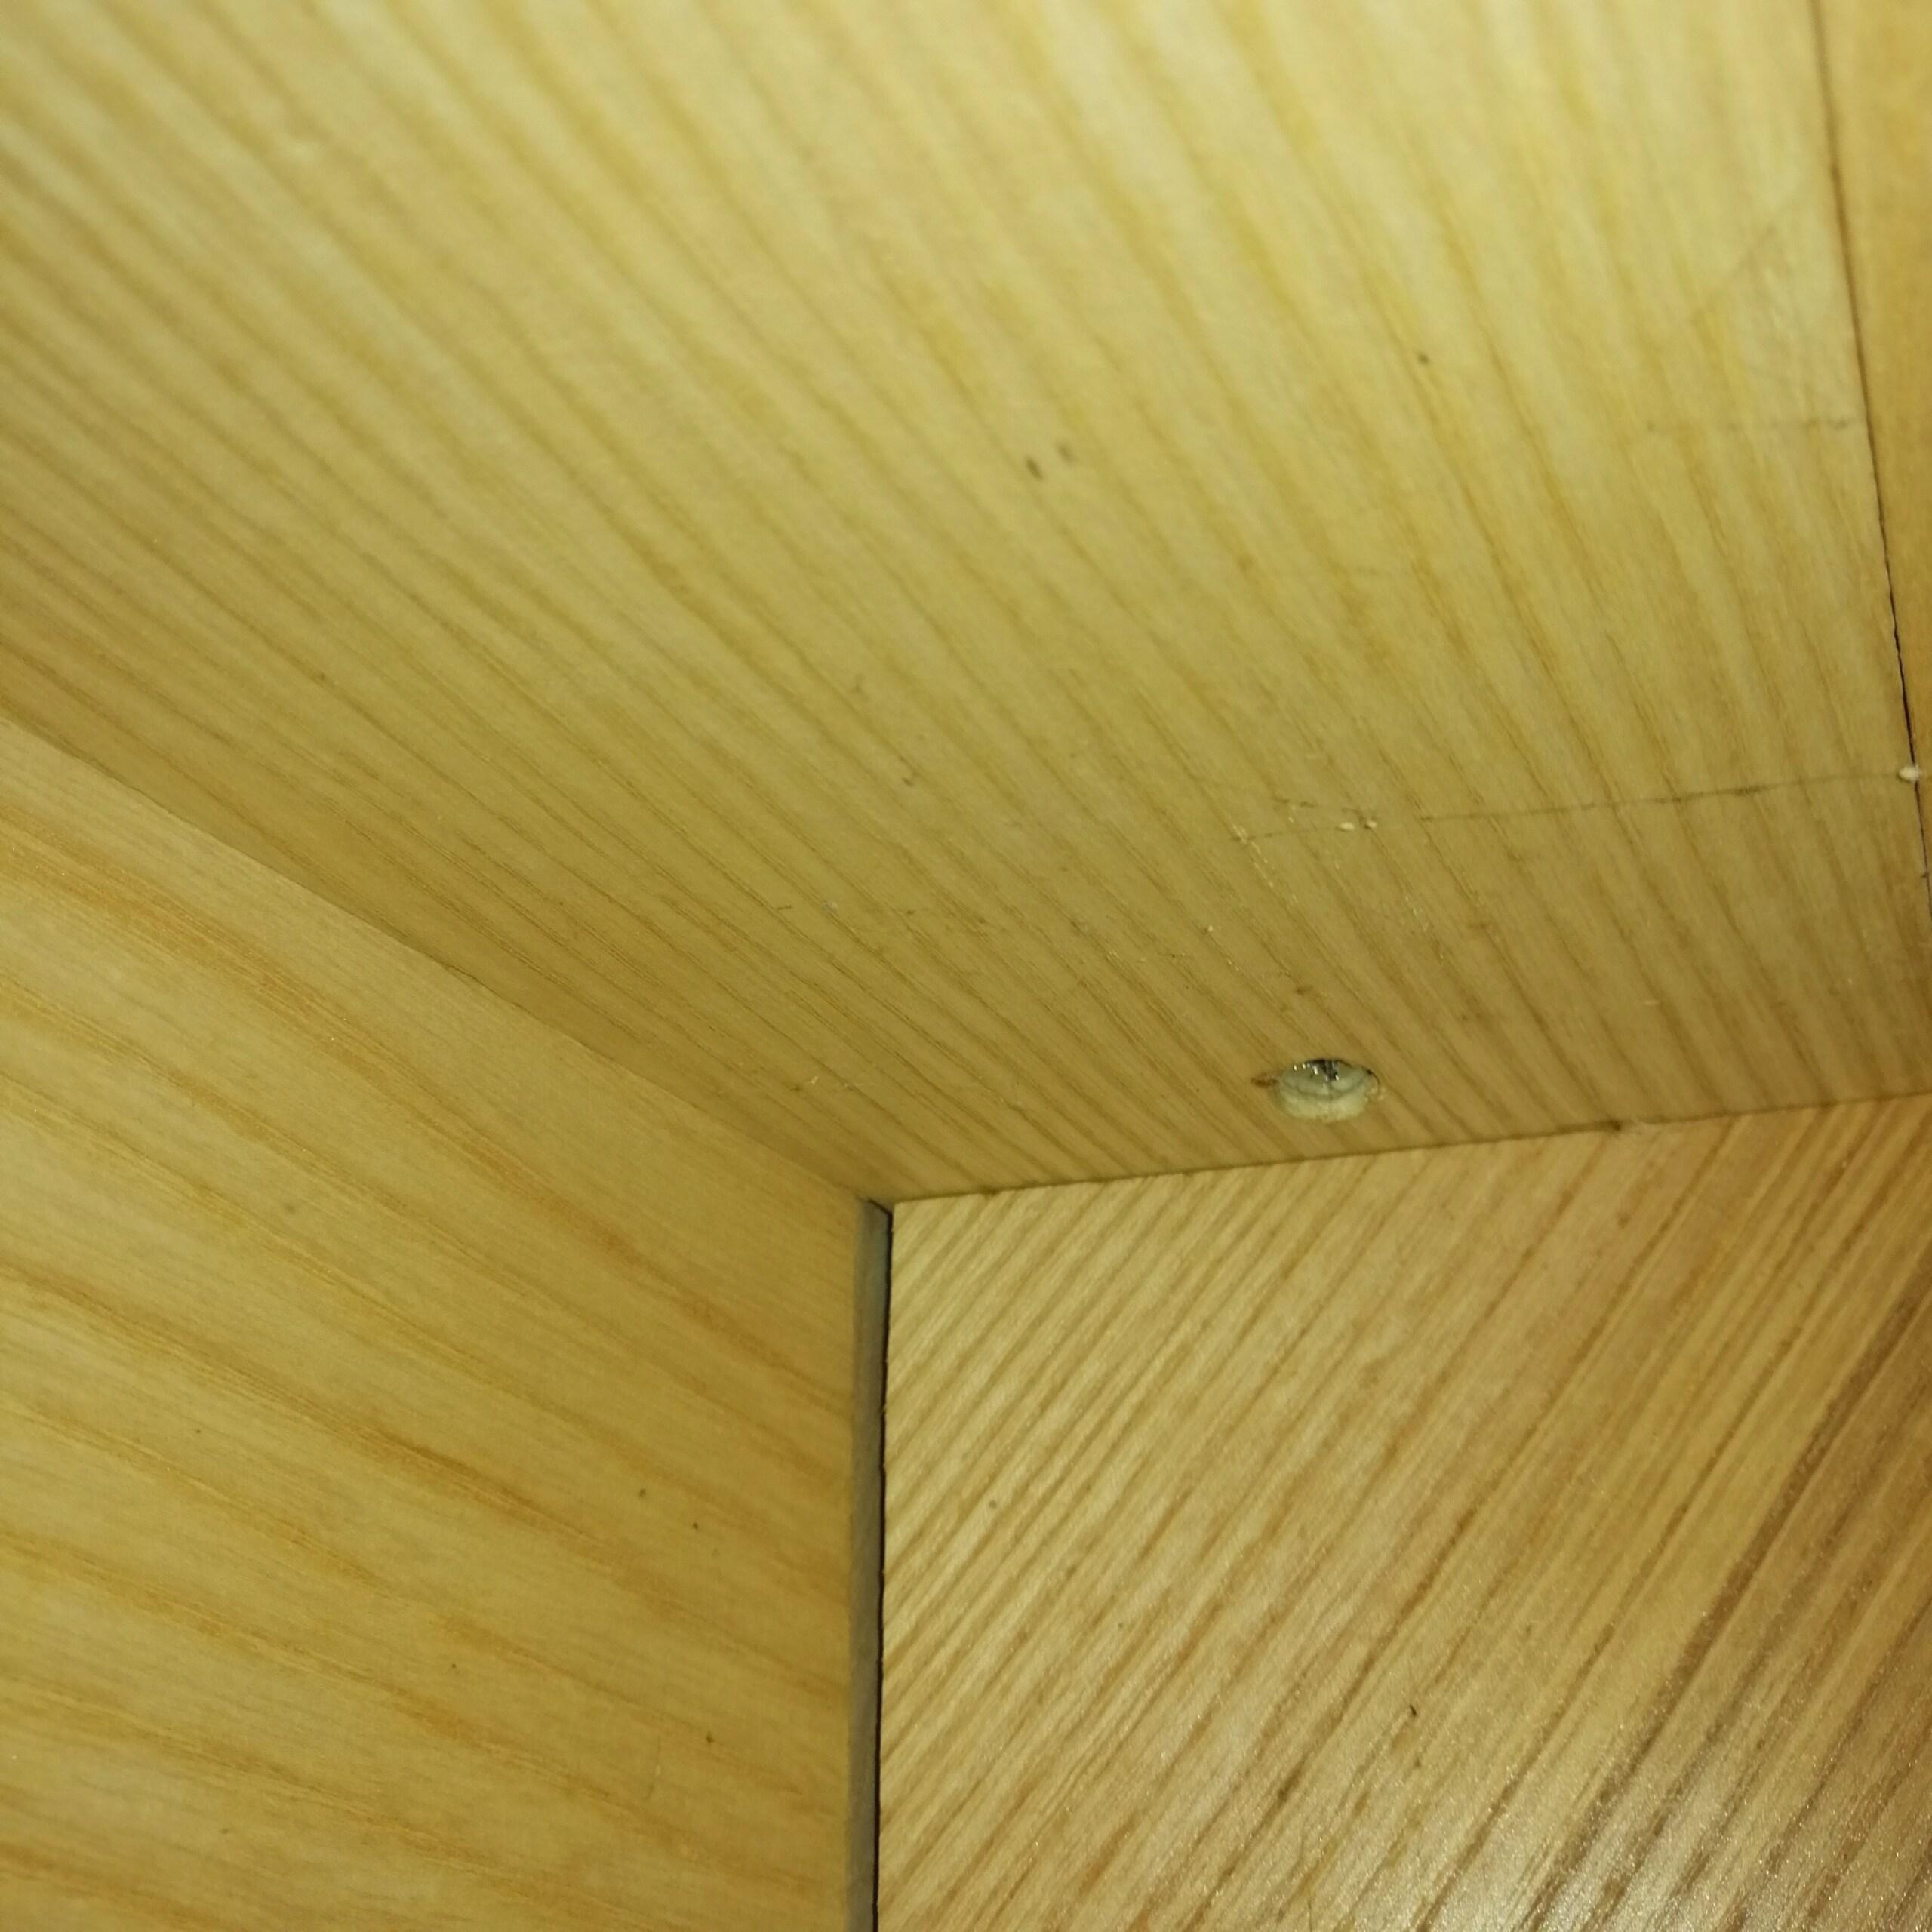 Un bac à sable, un porte bouteille , un escalier et un bureau - Page 2 Img_2026